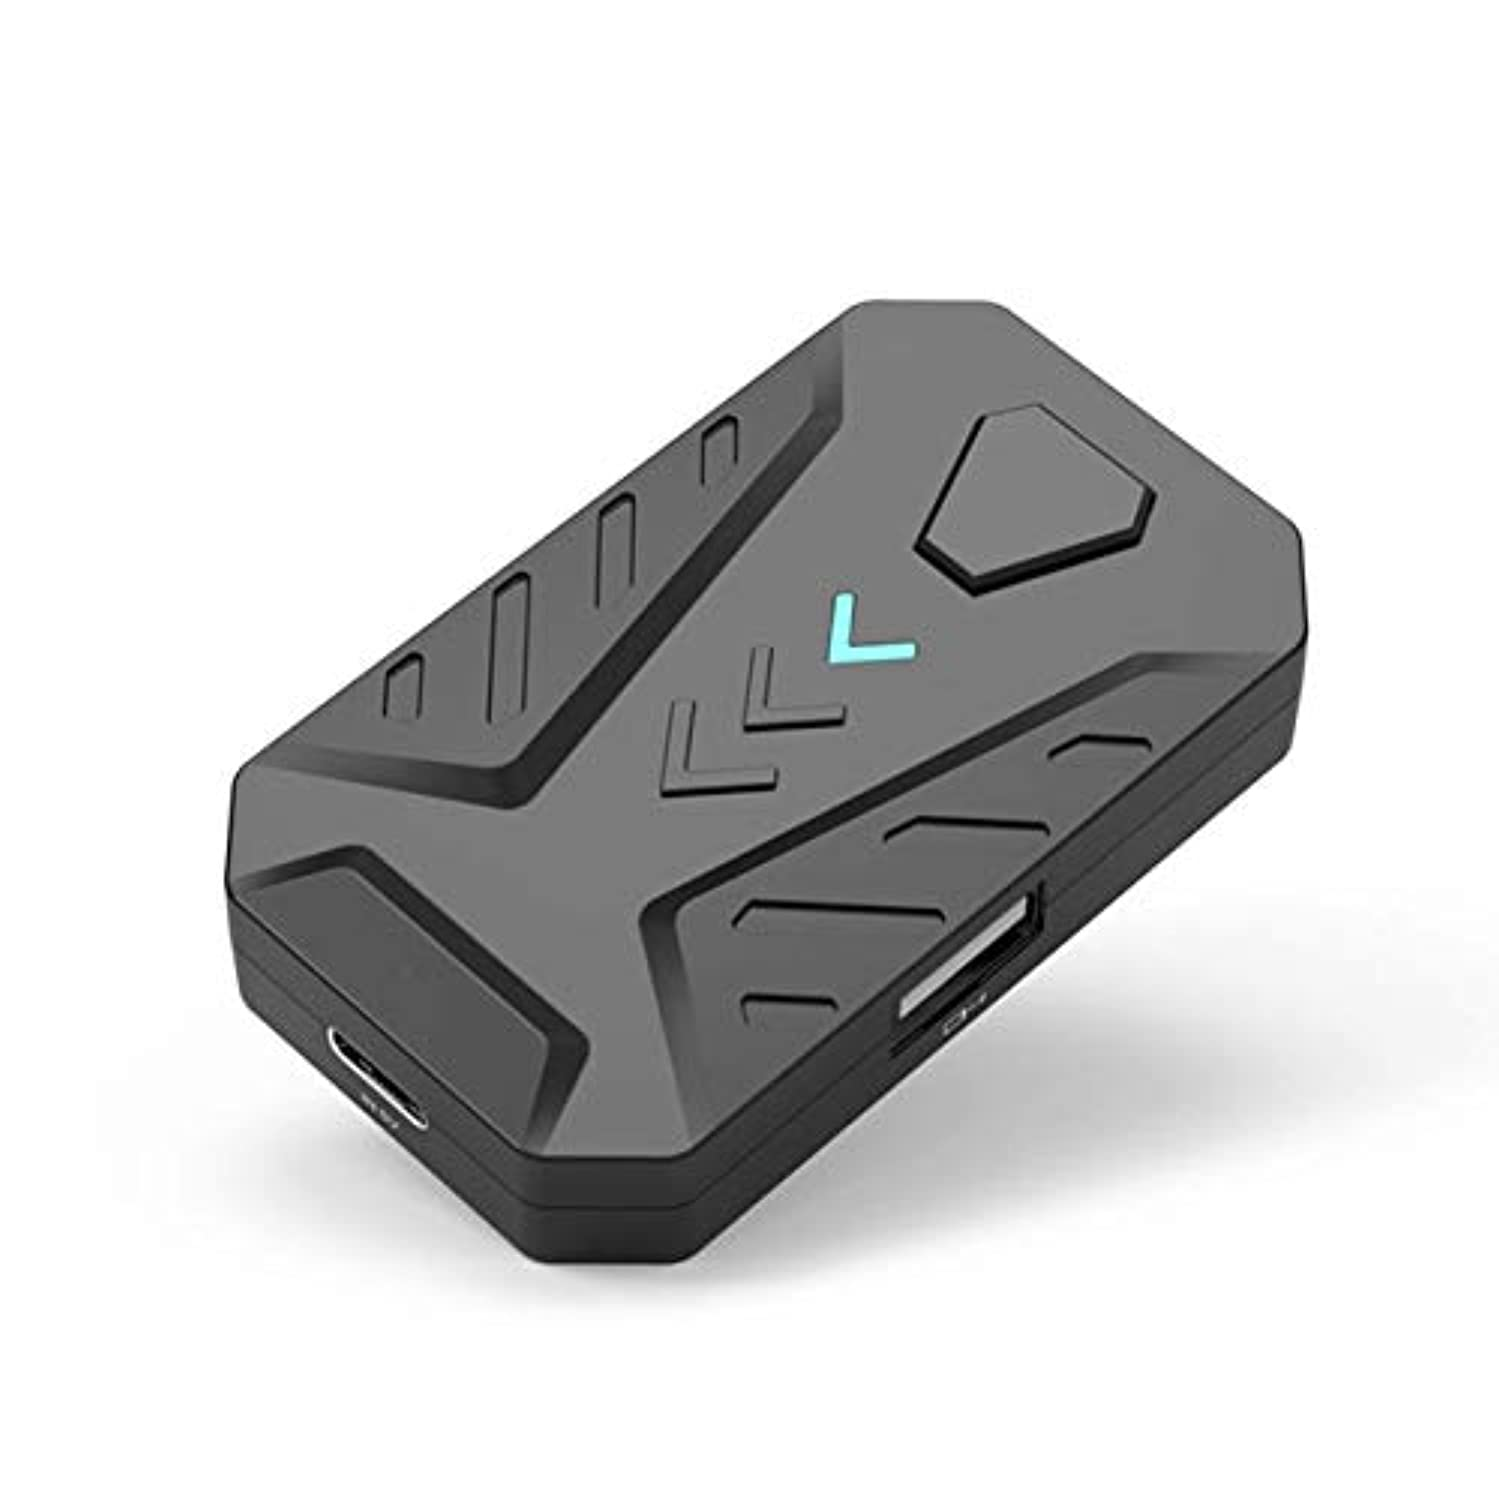 メイト正確なハングACHICOO キーボードマウスコンバータ キーボードマウス拡張アダプタ キーボードマウス拡張ドック BattleDockコントローラ PUBG携帯電話ゲーム用